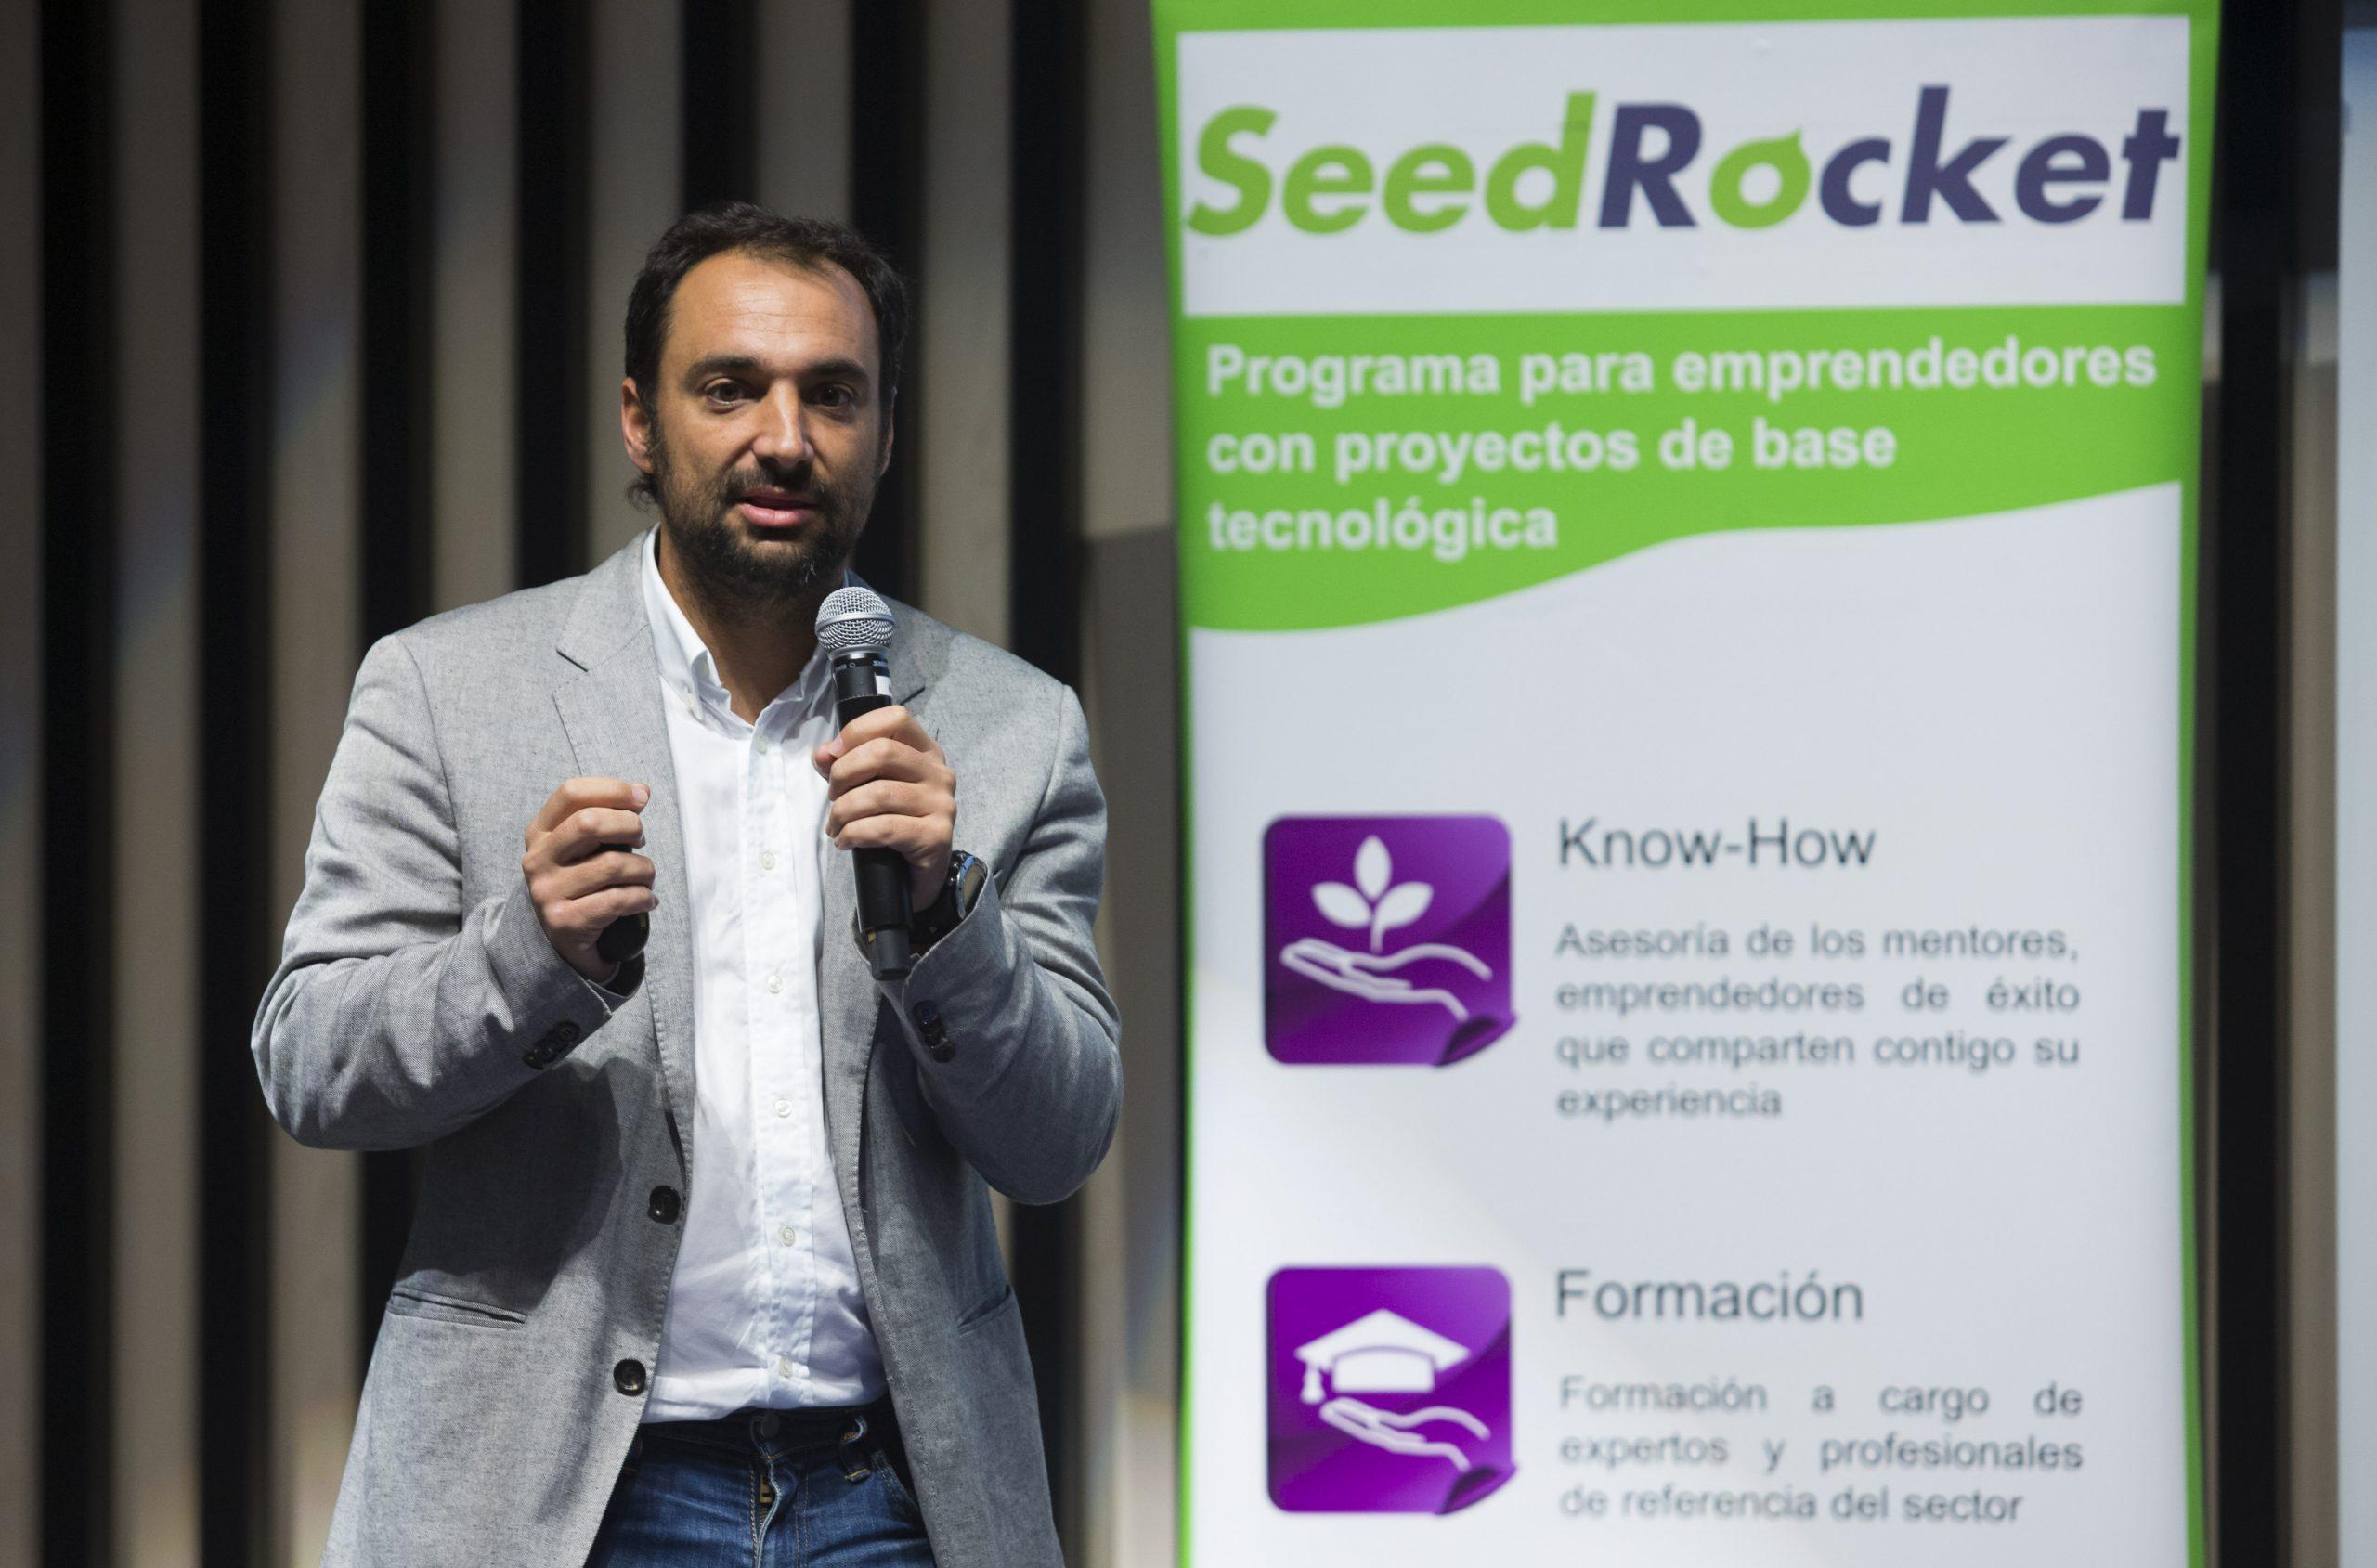 SeedRocket, aceleradora TIC, mantiene abierta su convocatoria hasta el 15 de marzo